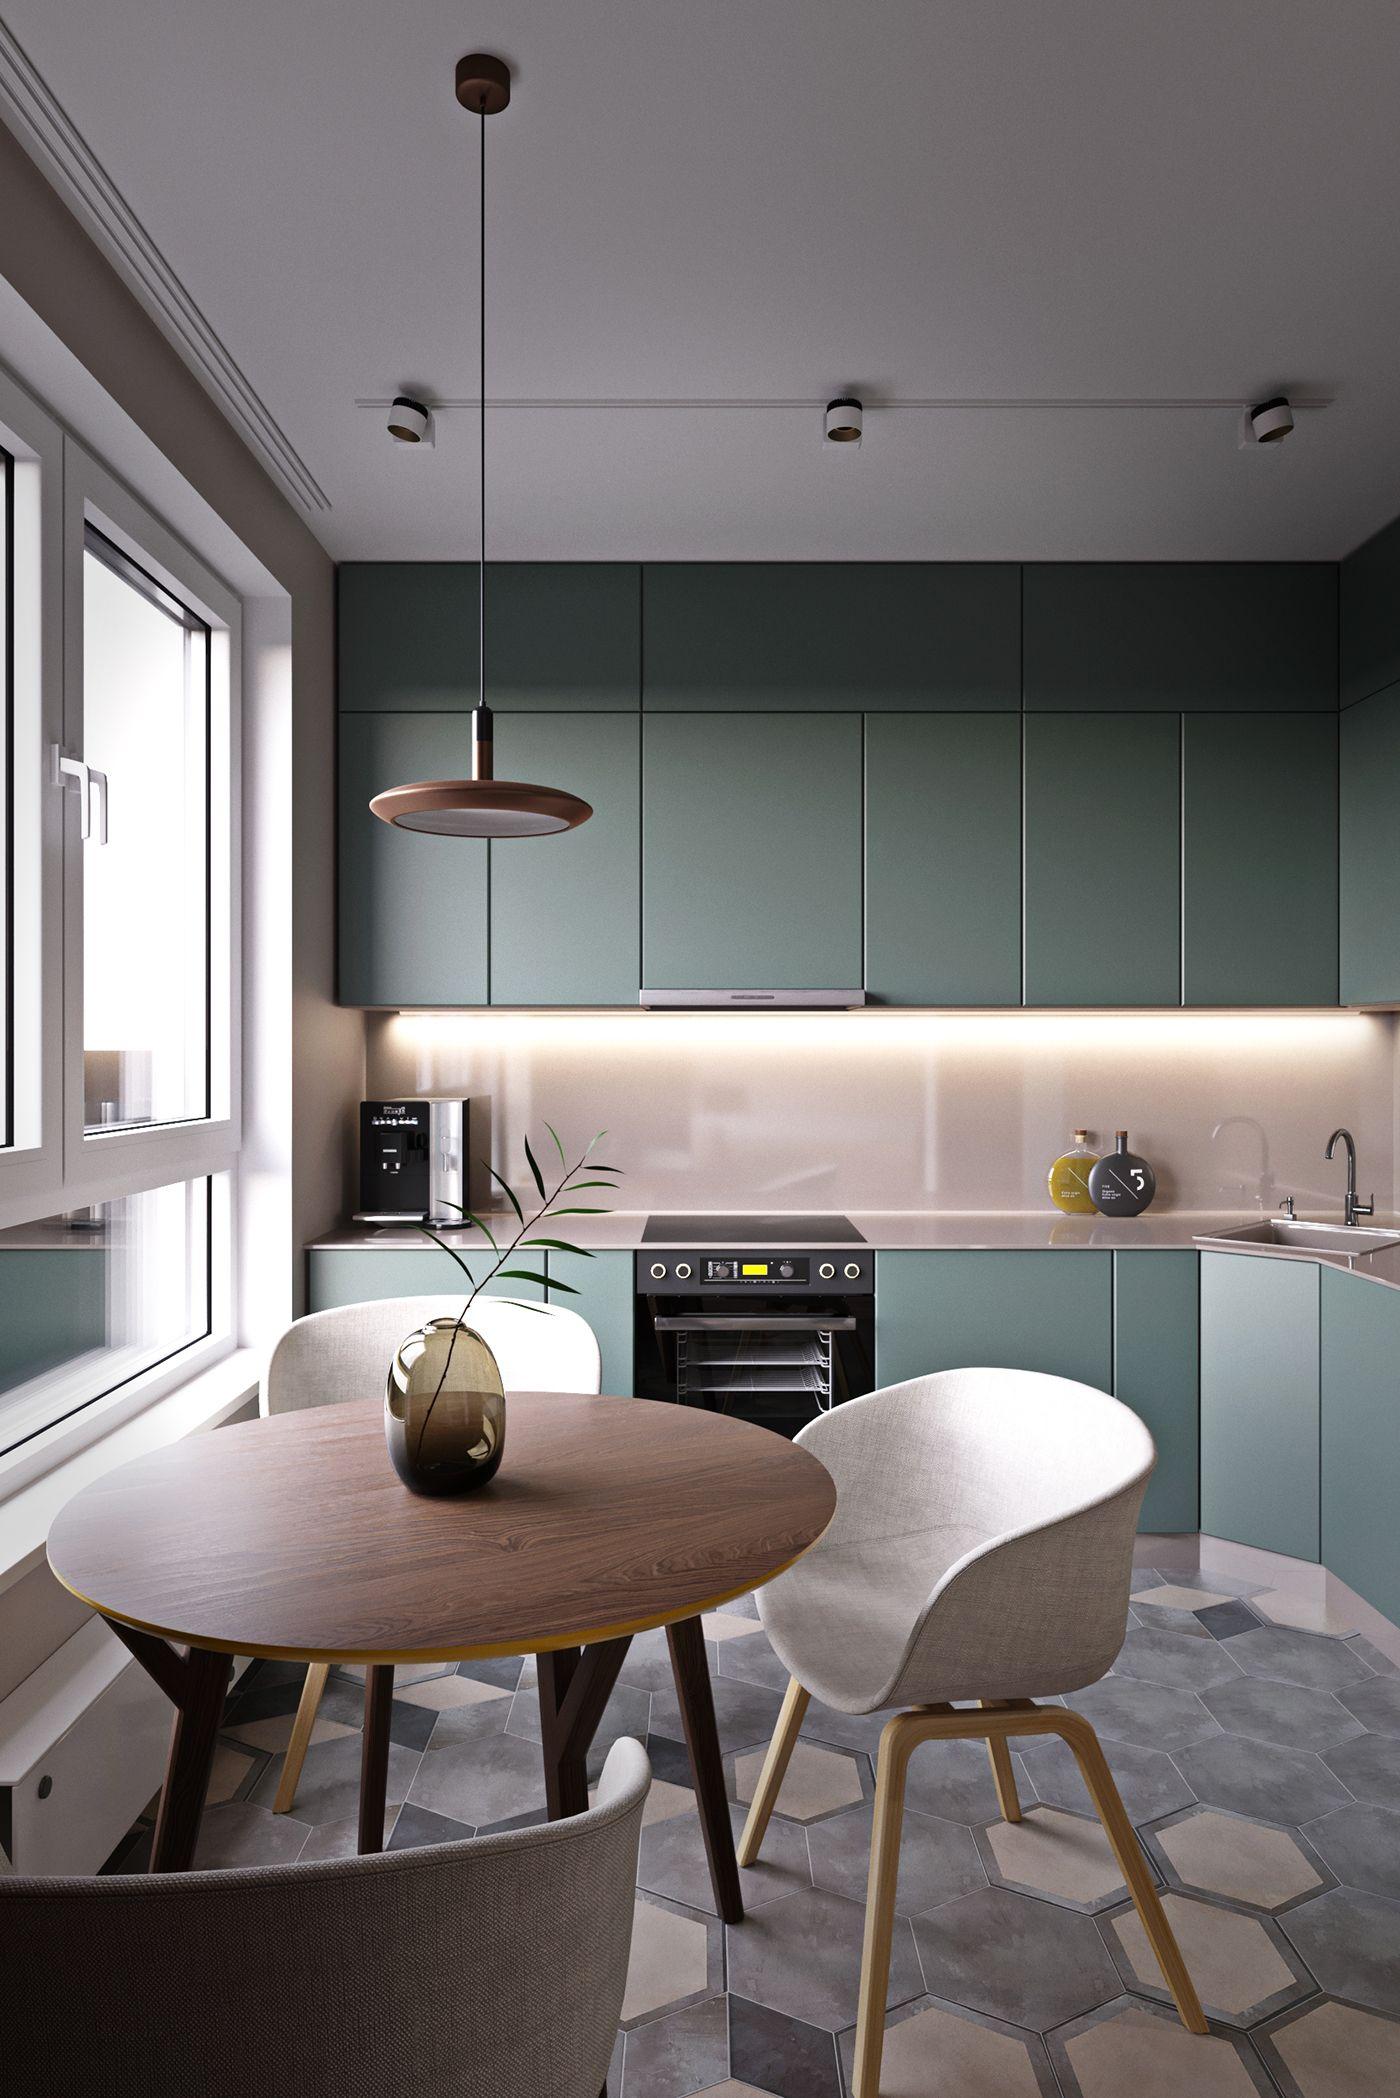 меблировка в кухне в стиле минимализм